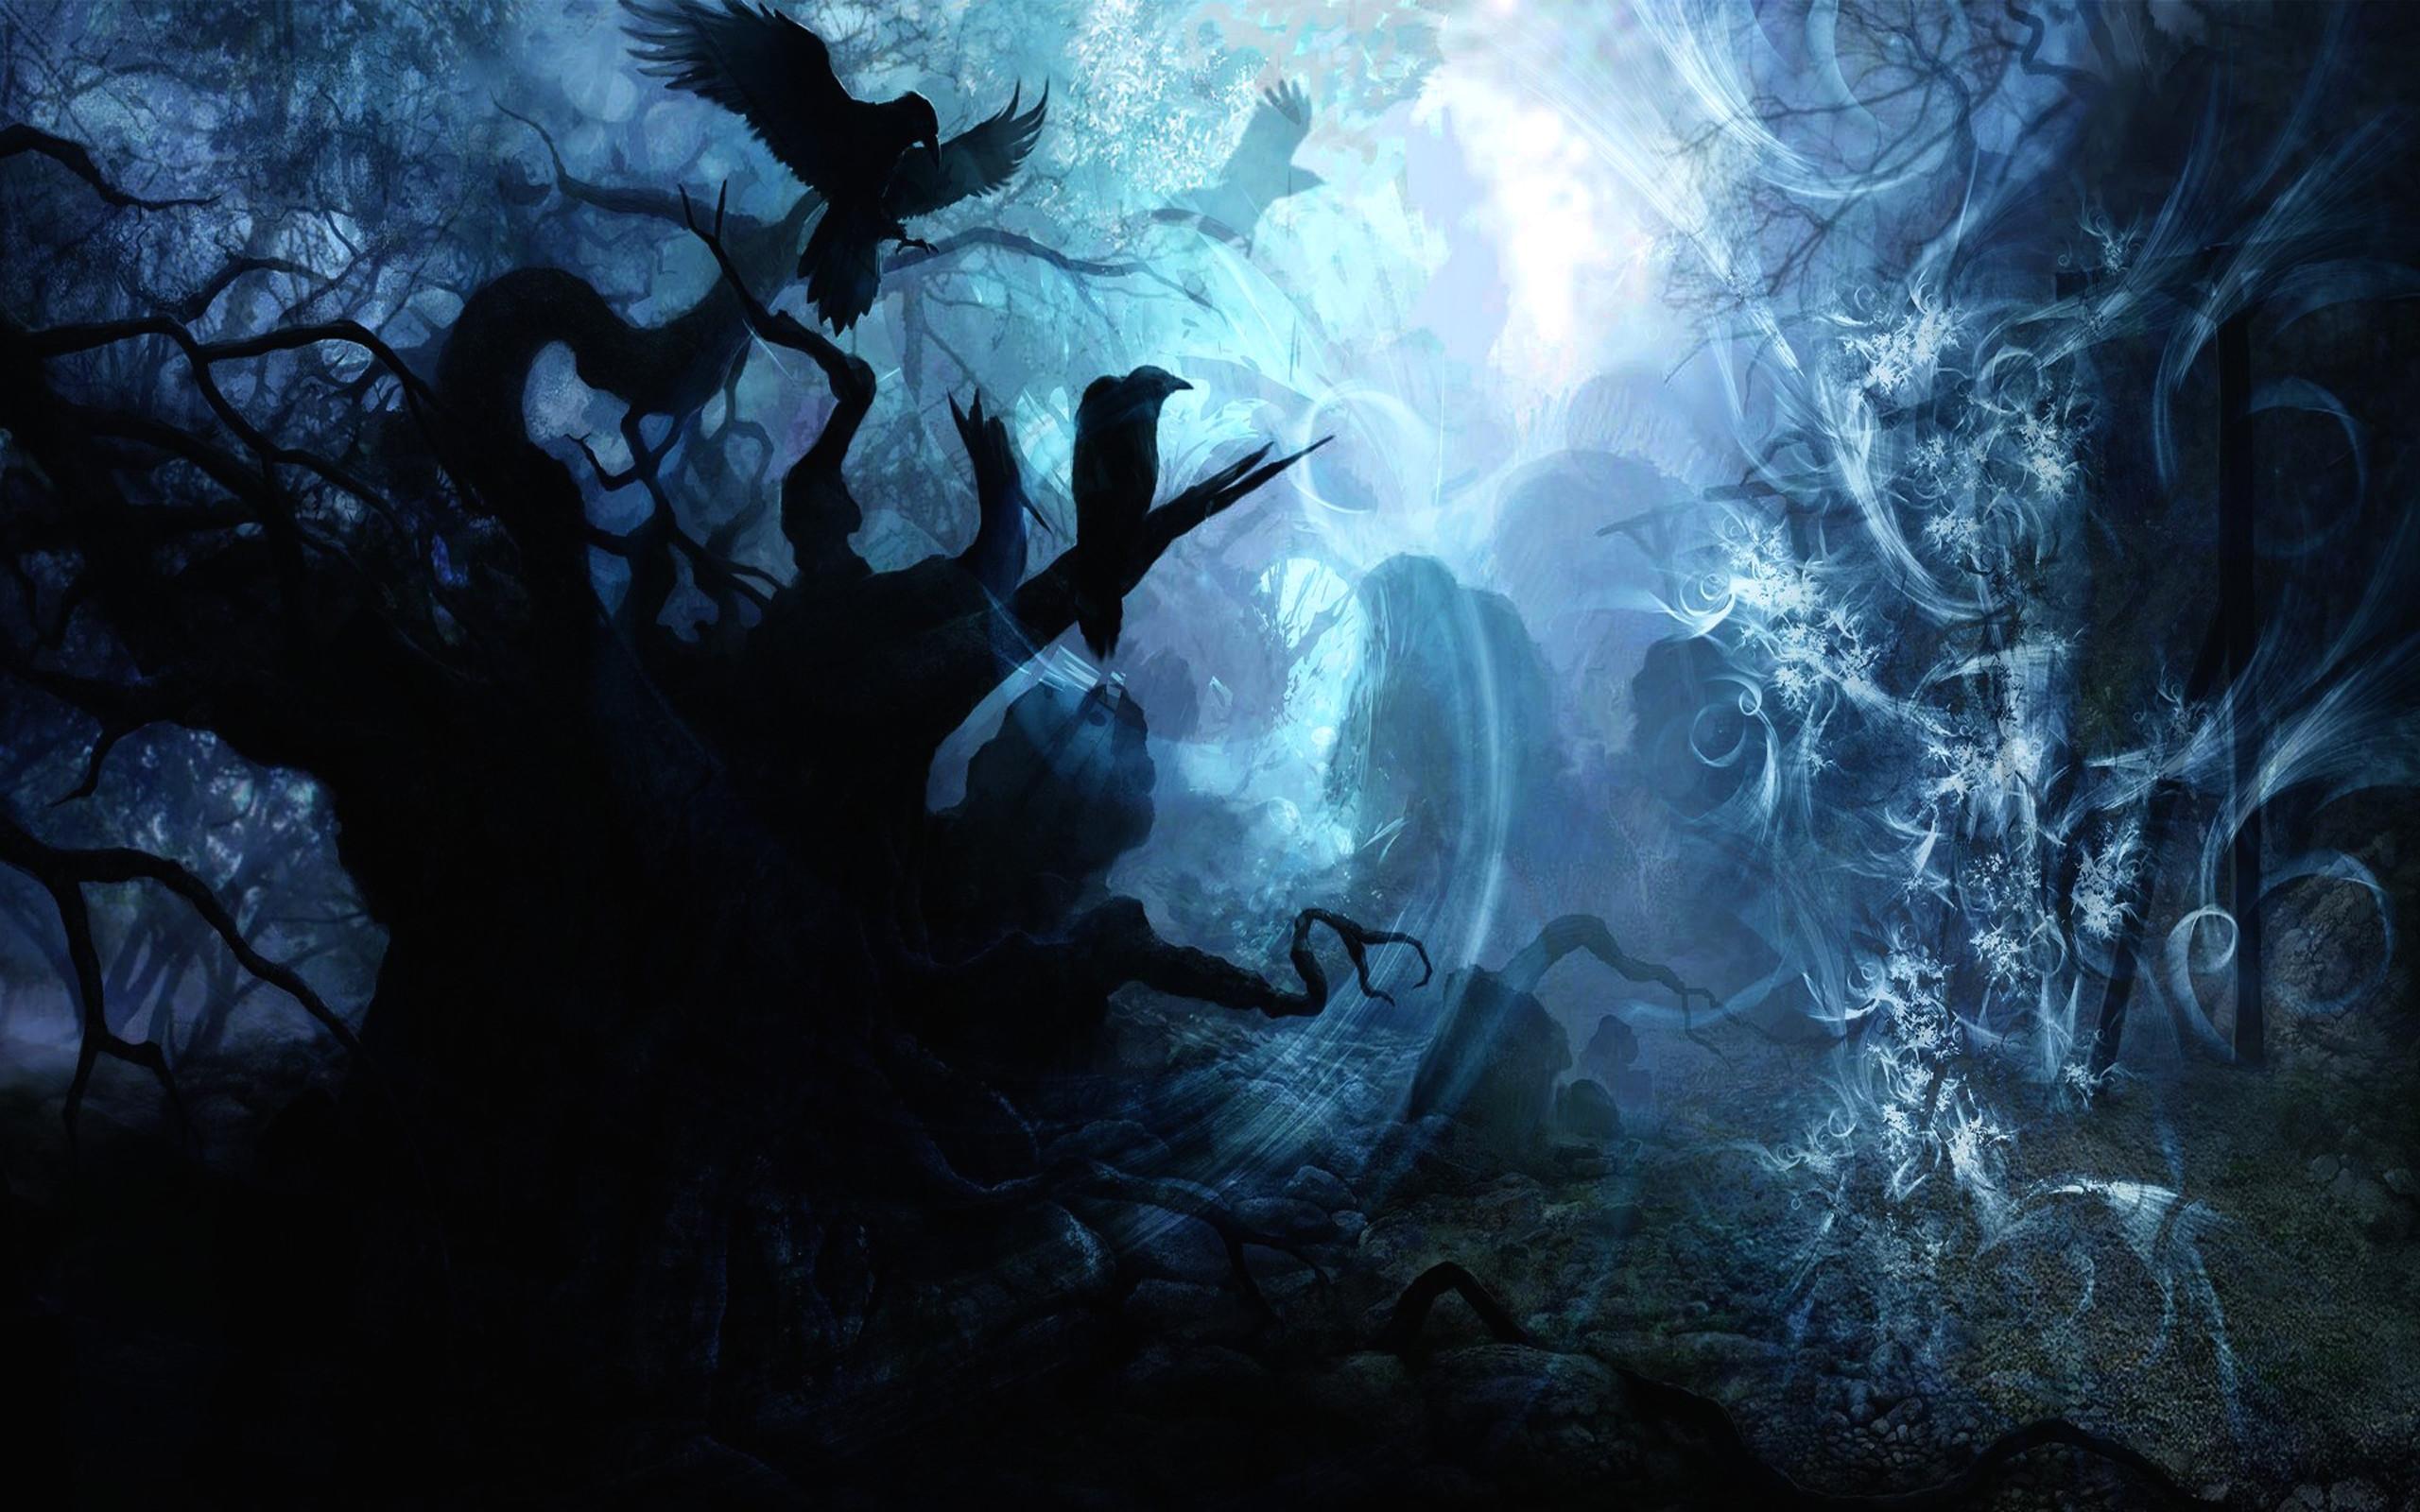 fantasy images for desktop background